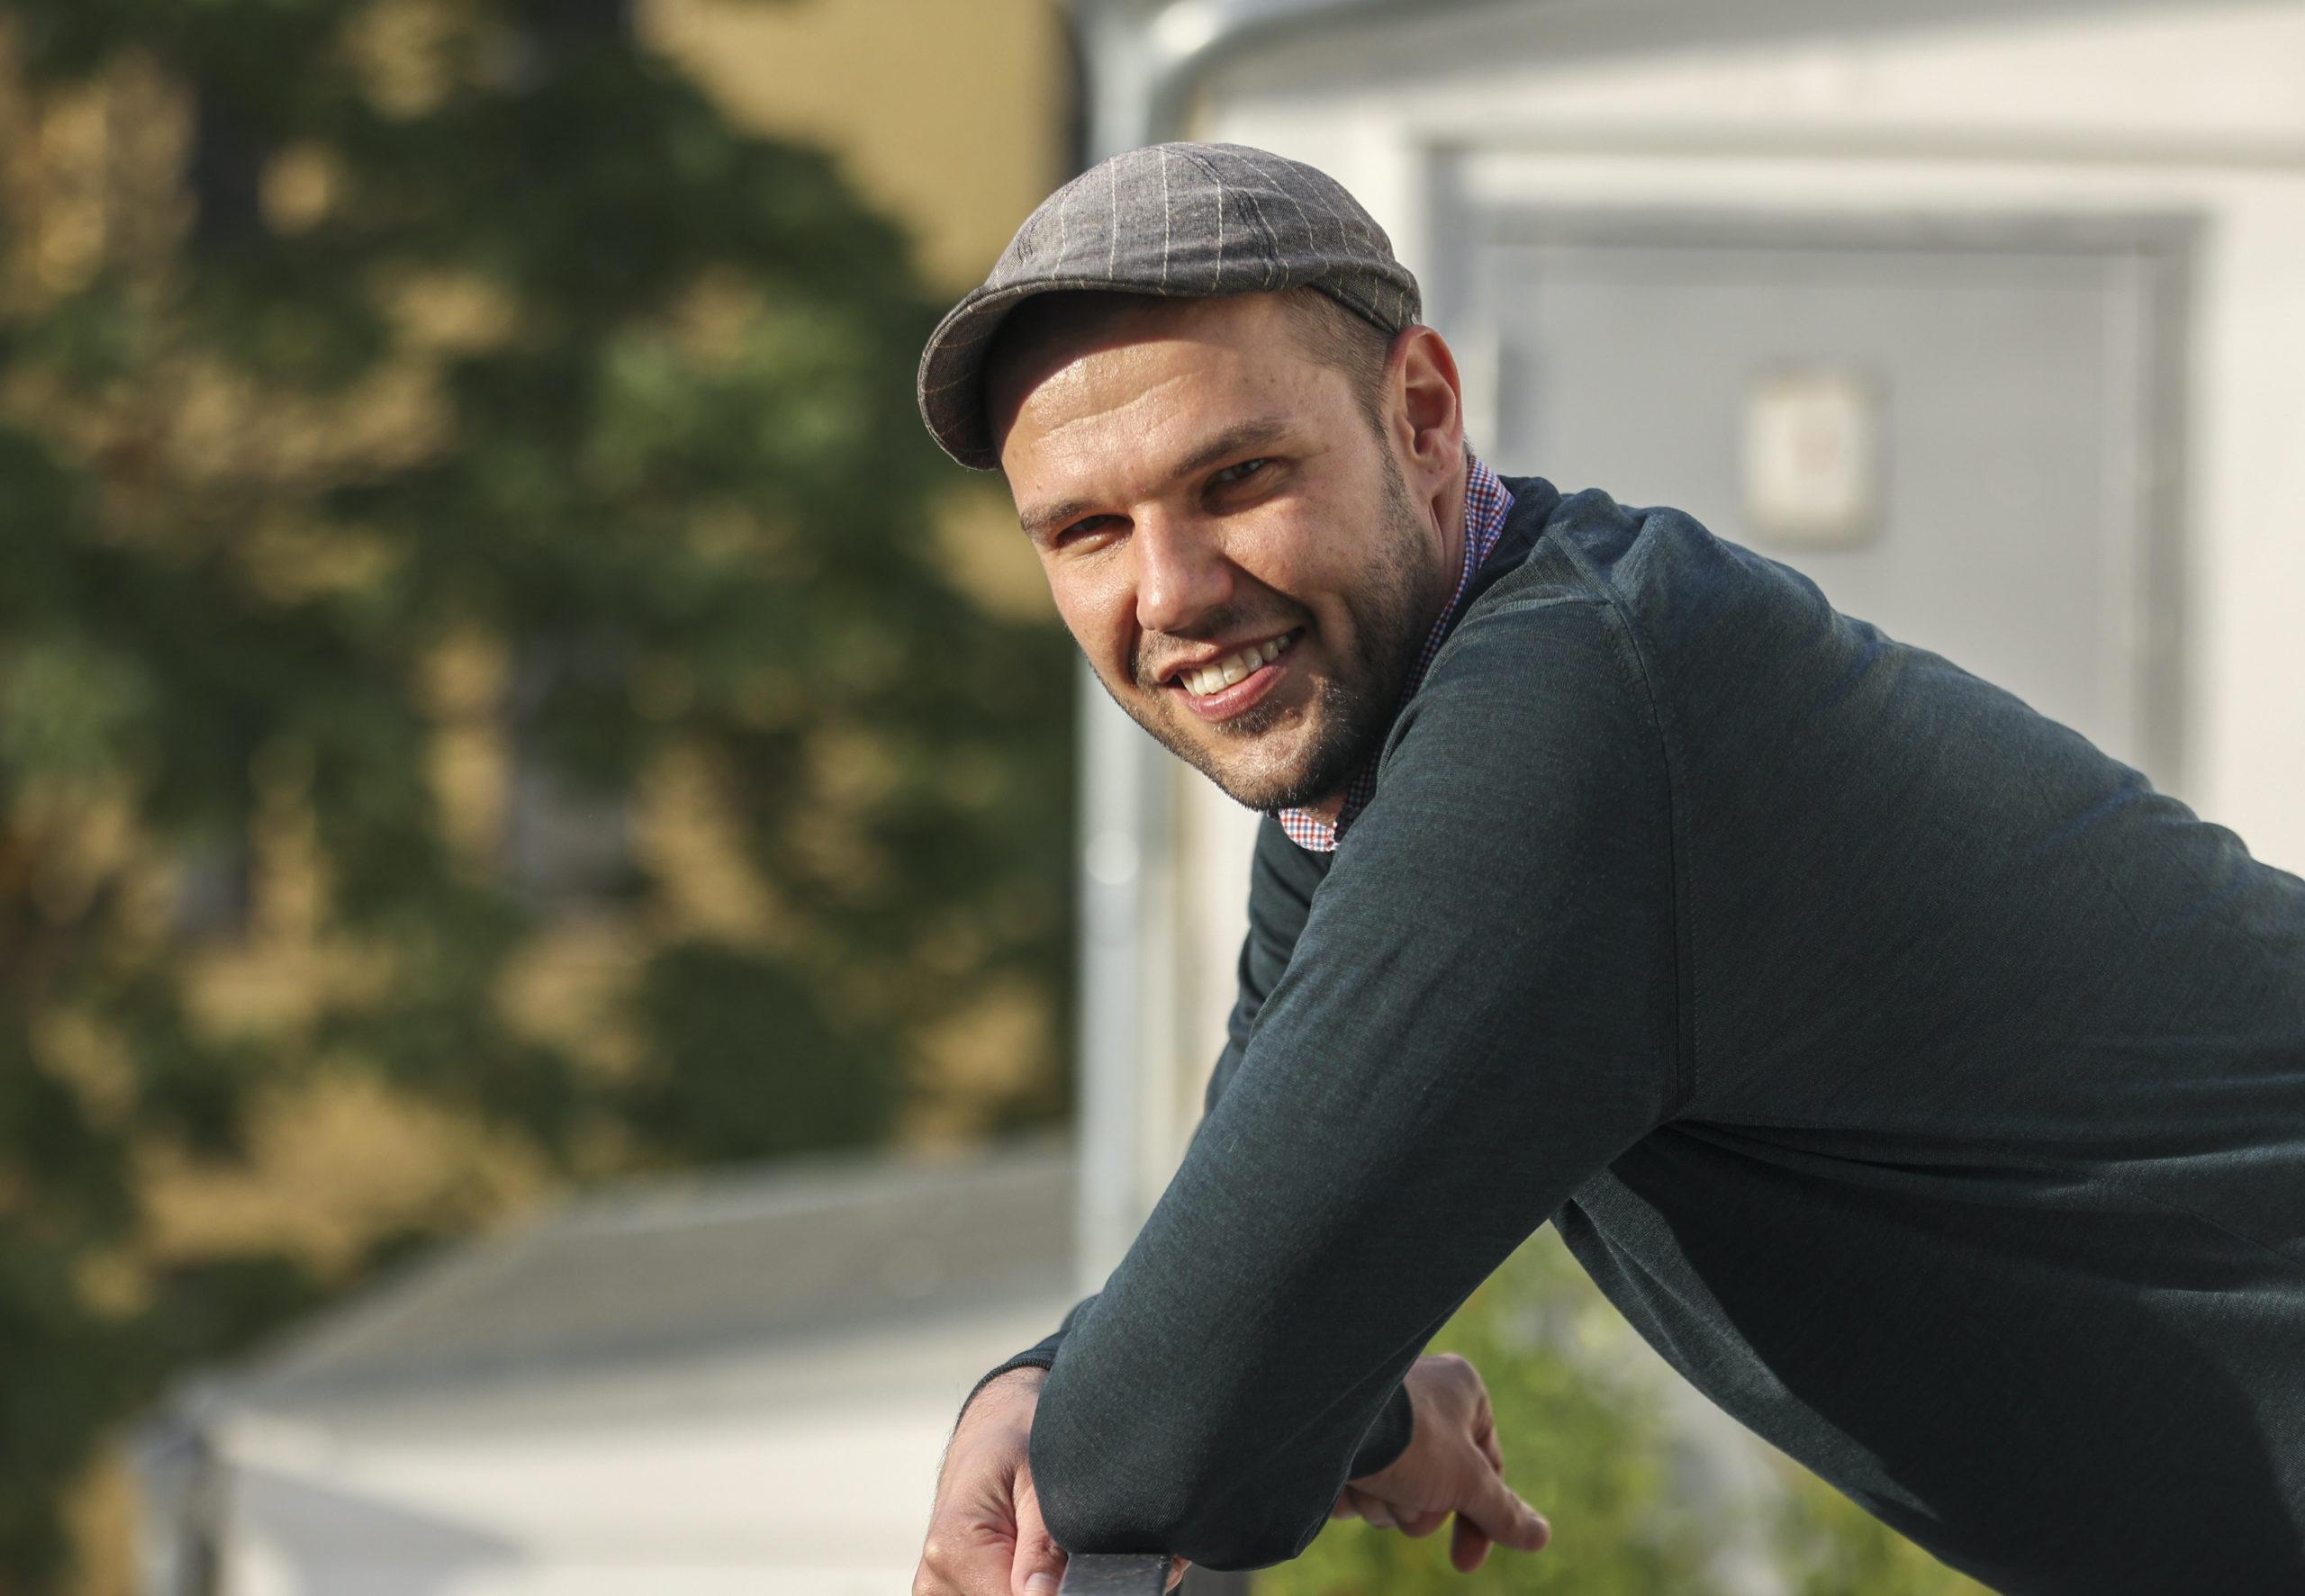 """Jan Brož: """"Jakožto člověka, který české školství opustil v předinternetové době žákovské knížky, mě překvapilo, kolik kanálů škola využívá."""""""